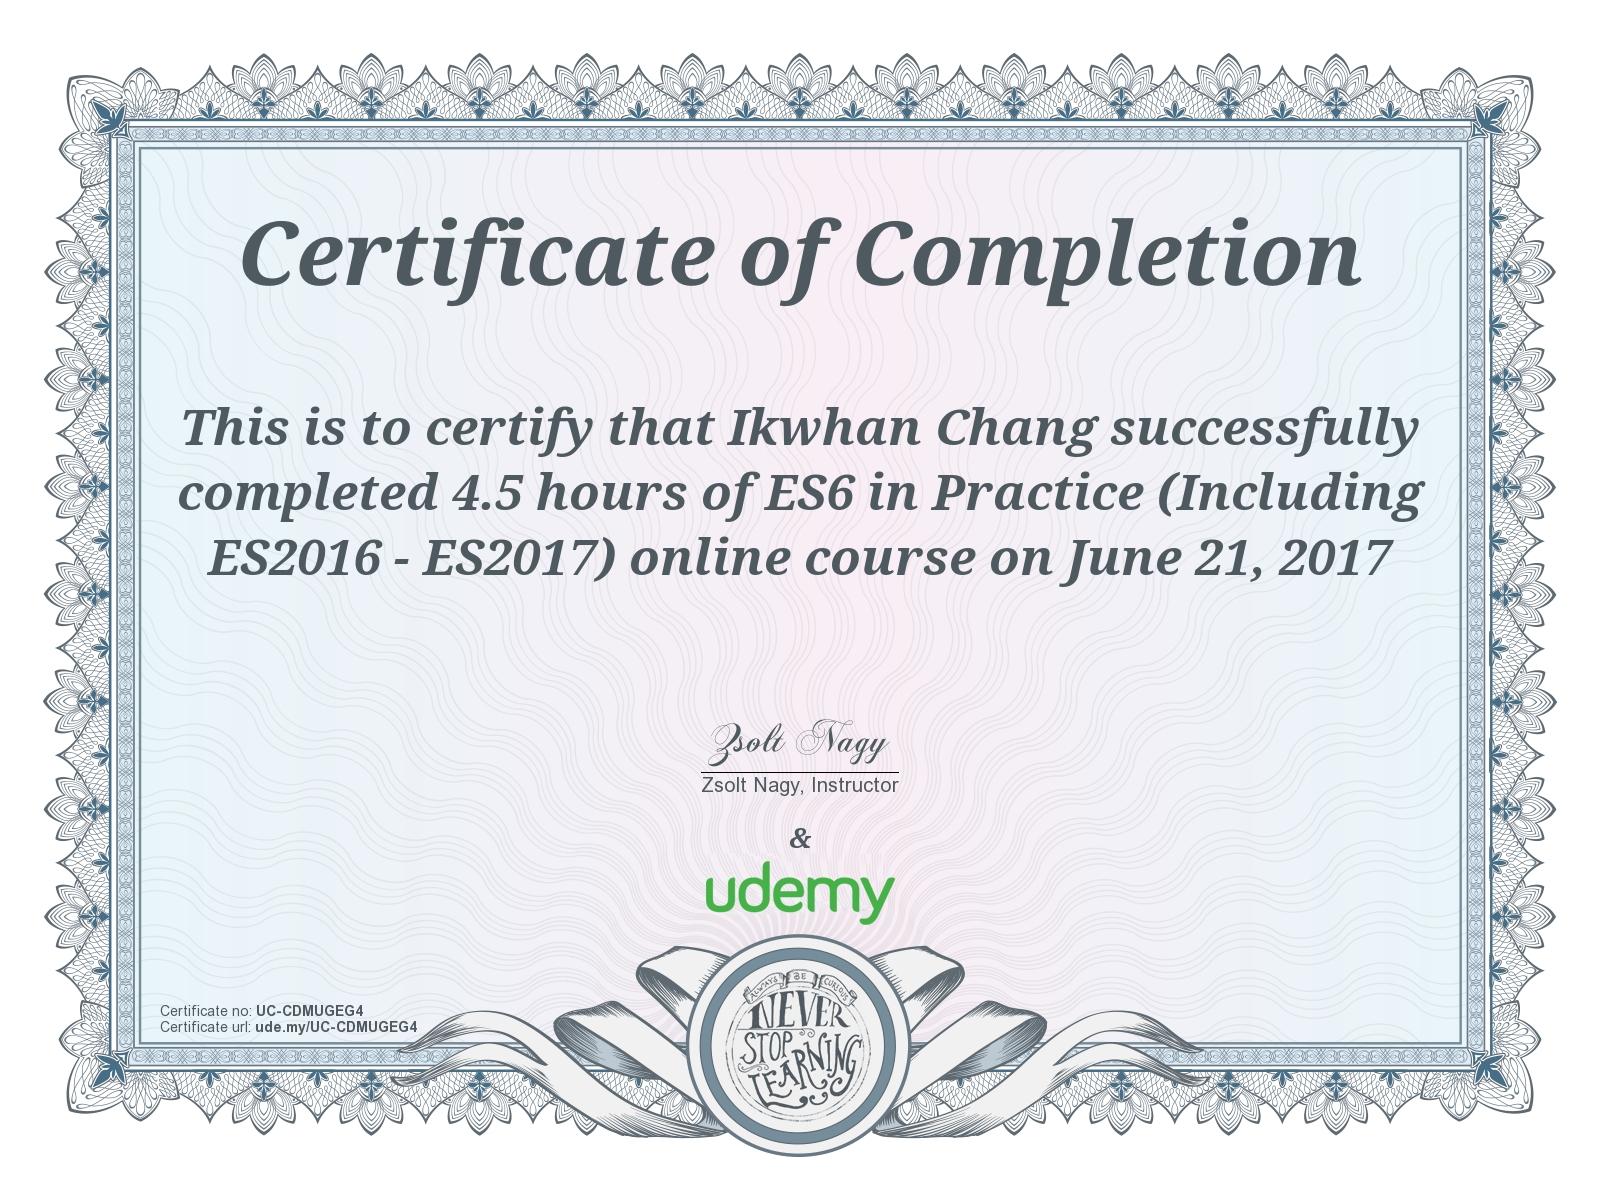 [업무일지] Udemy – ES6 in Practice 완강, 강의 정리